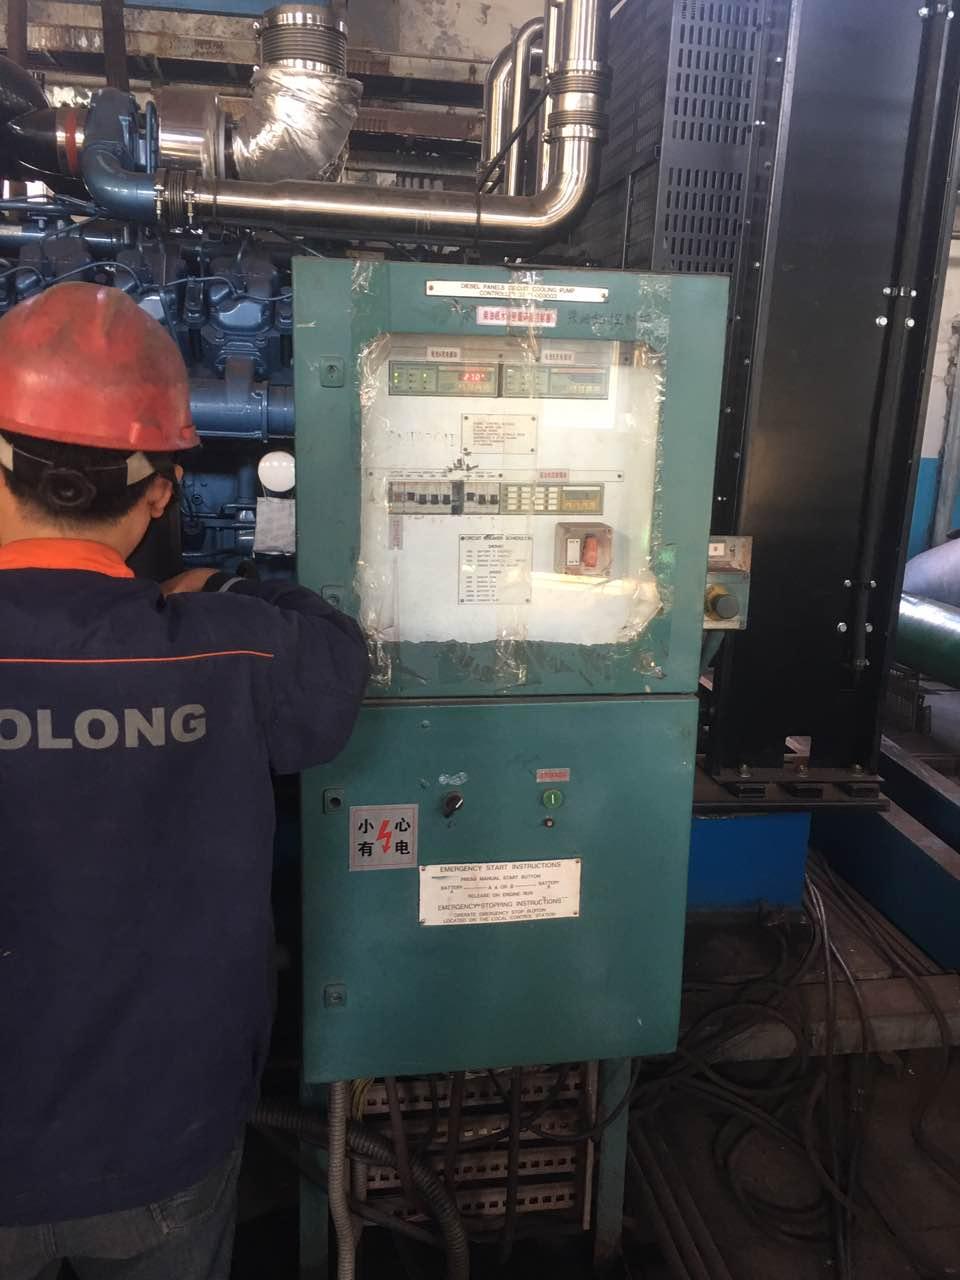 500KW潍柴柴油发电机组 俗称博杜安产品 工厂天天发货 发货图片公示与众 欢迎咨询|公司新闻-潍坊奔马动力设备有限公司